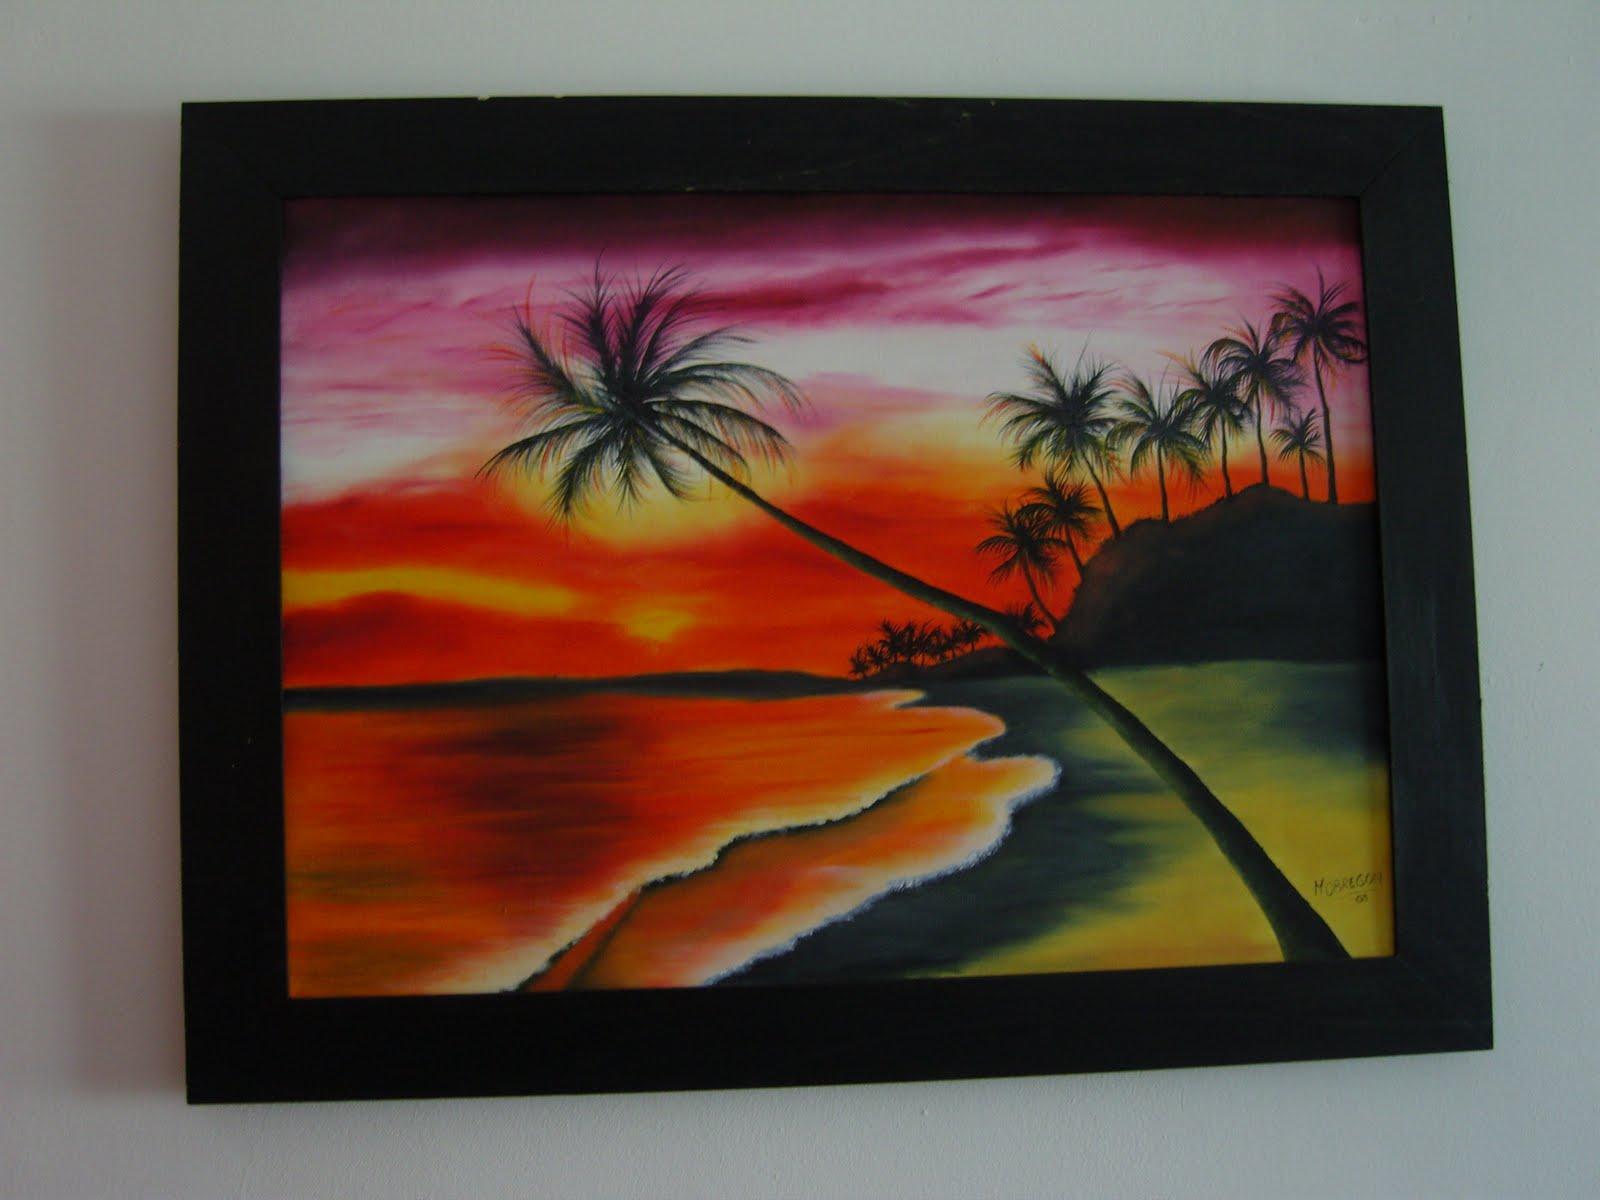 Manualidades cuadros pintados con oleo - Cuadros pintados con spray ...